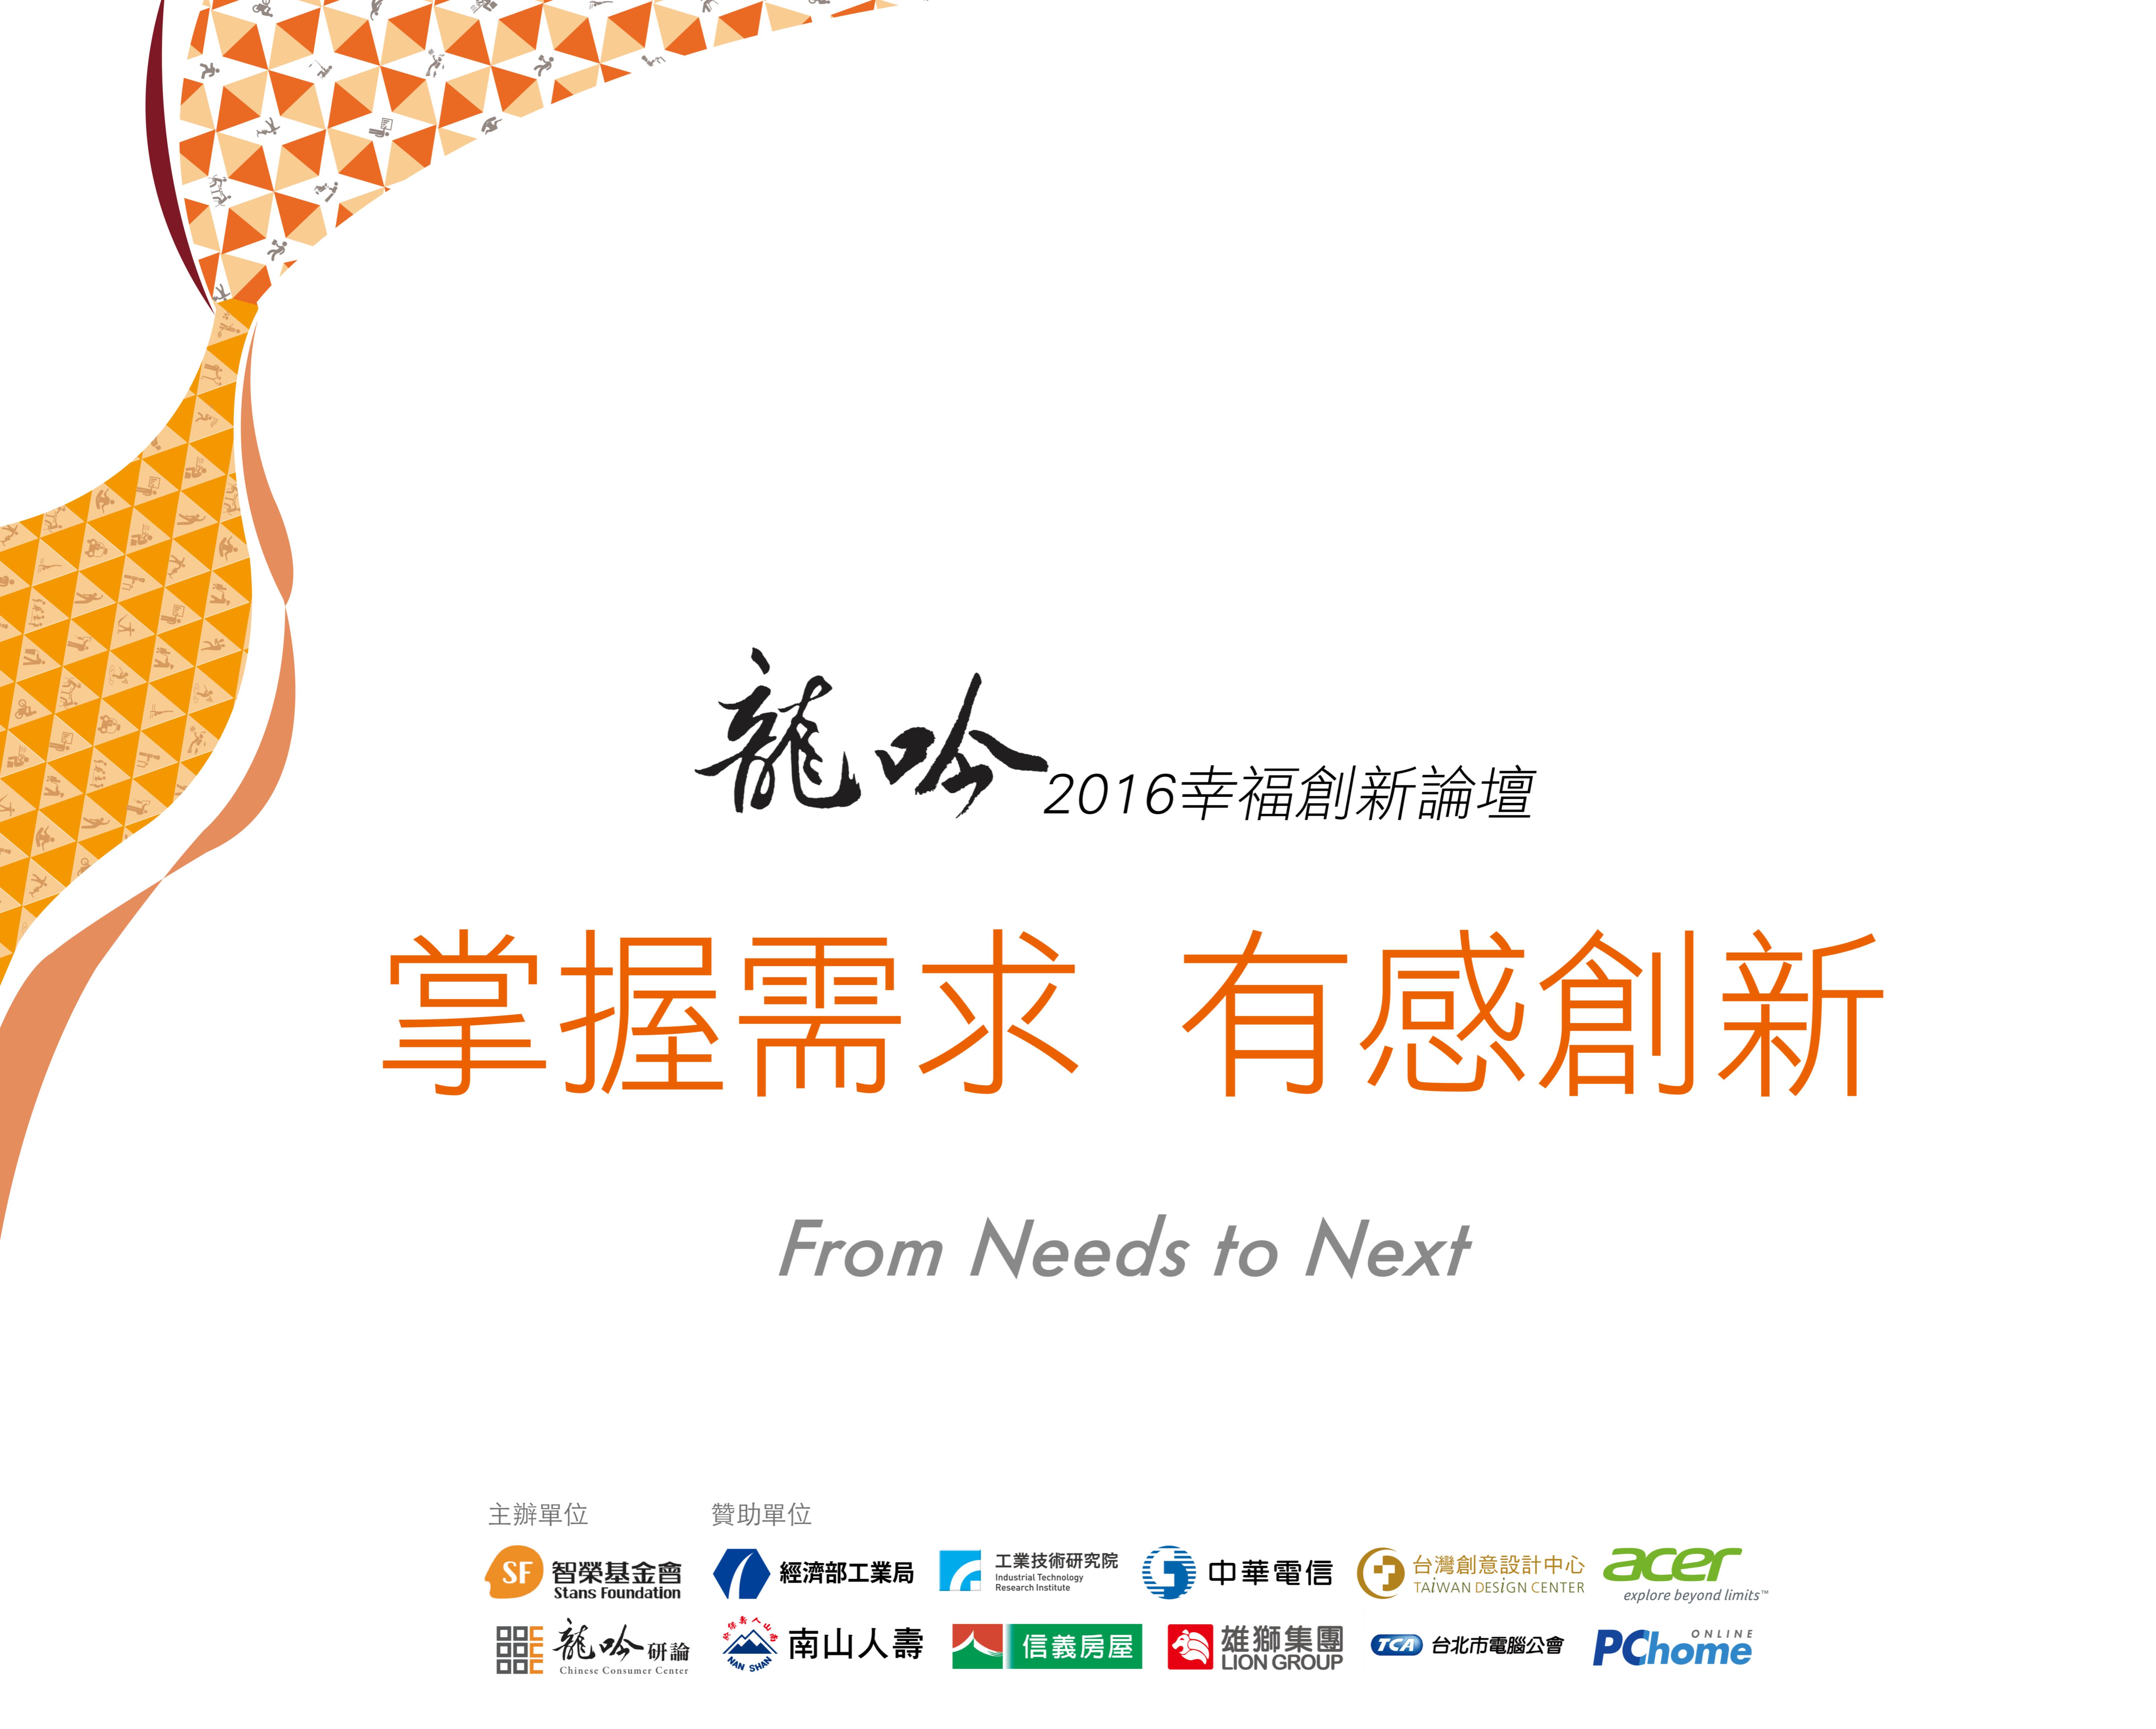 2016 華人幸福創新論壇